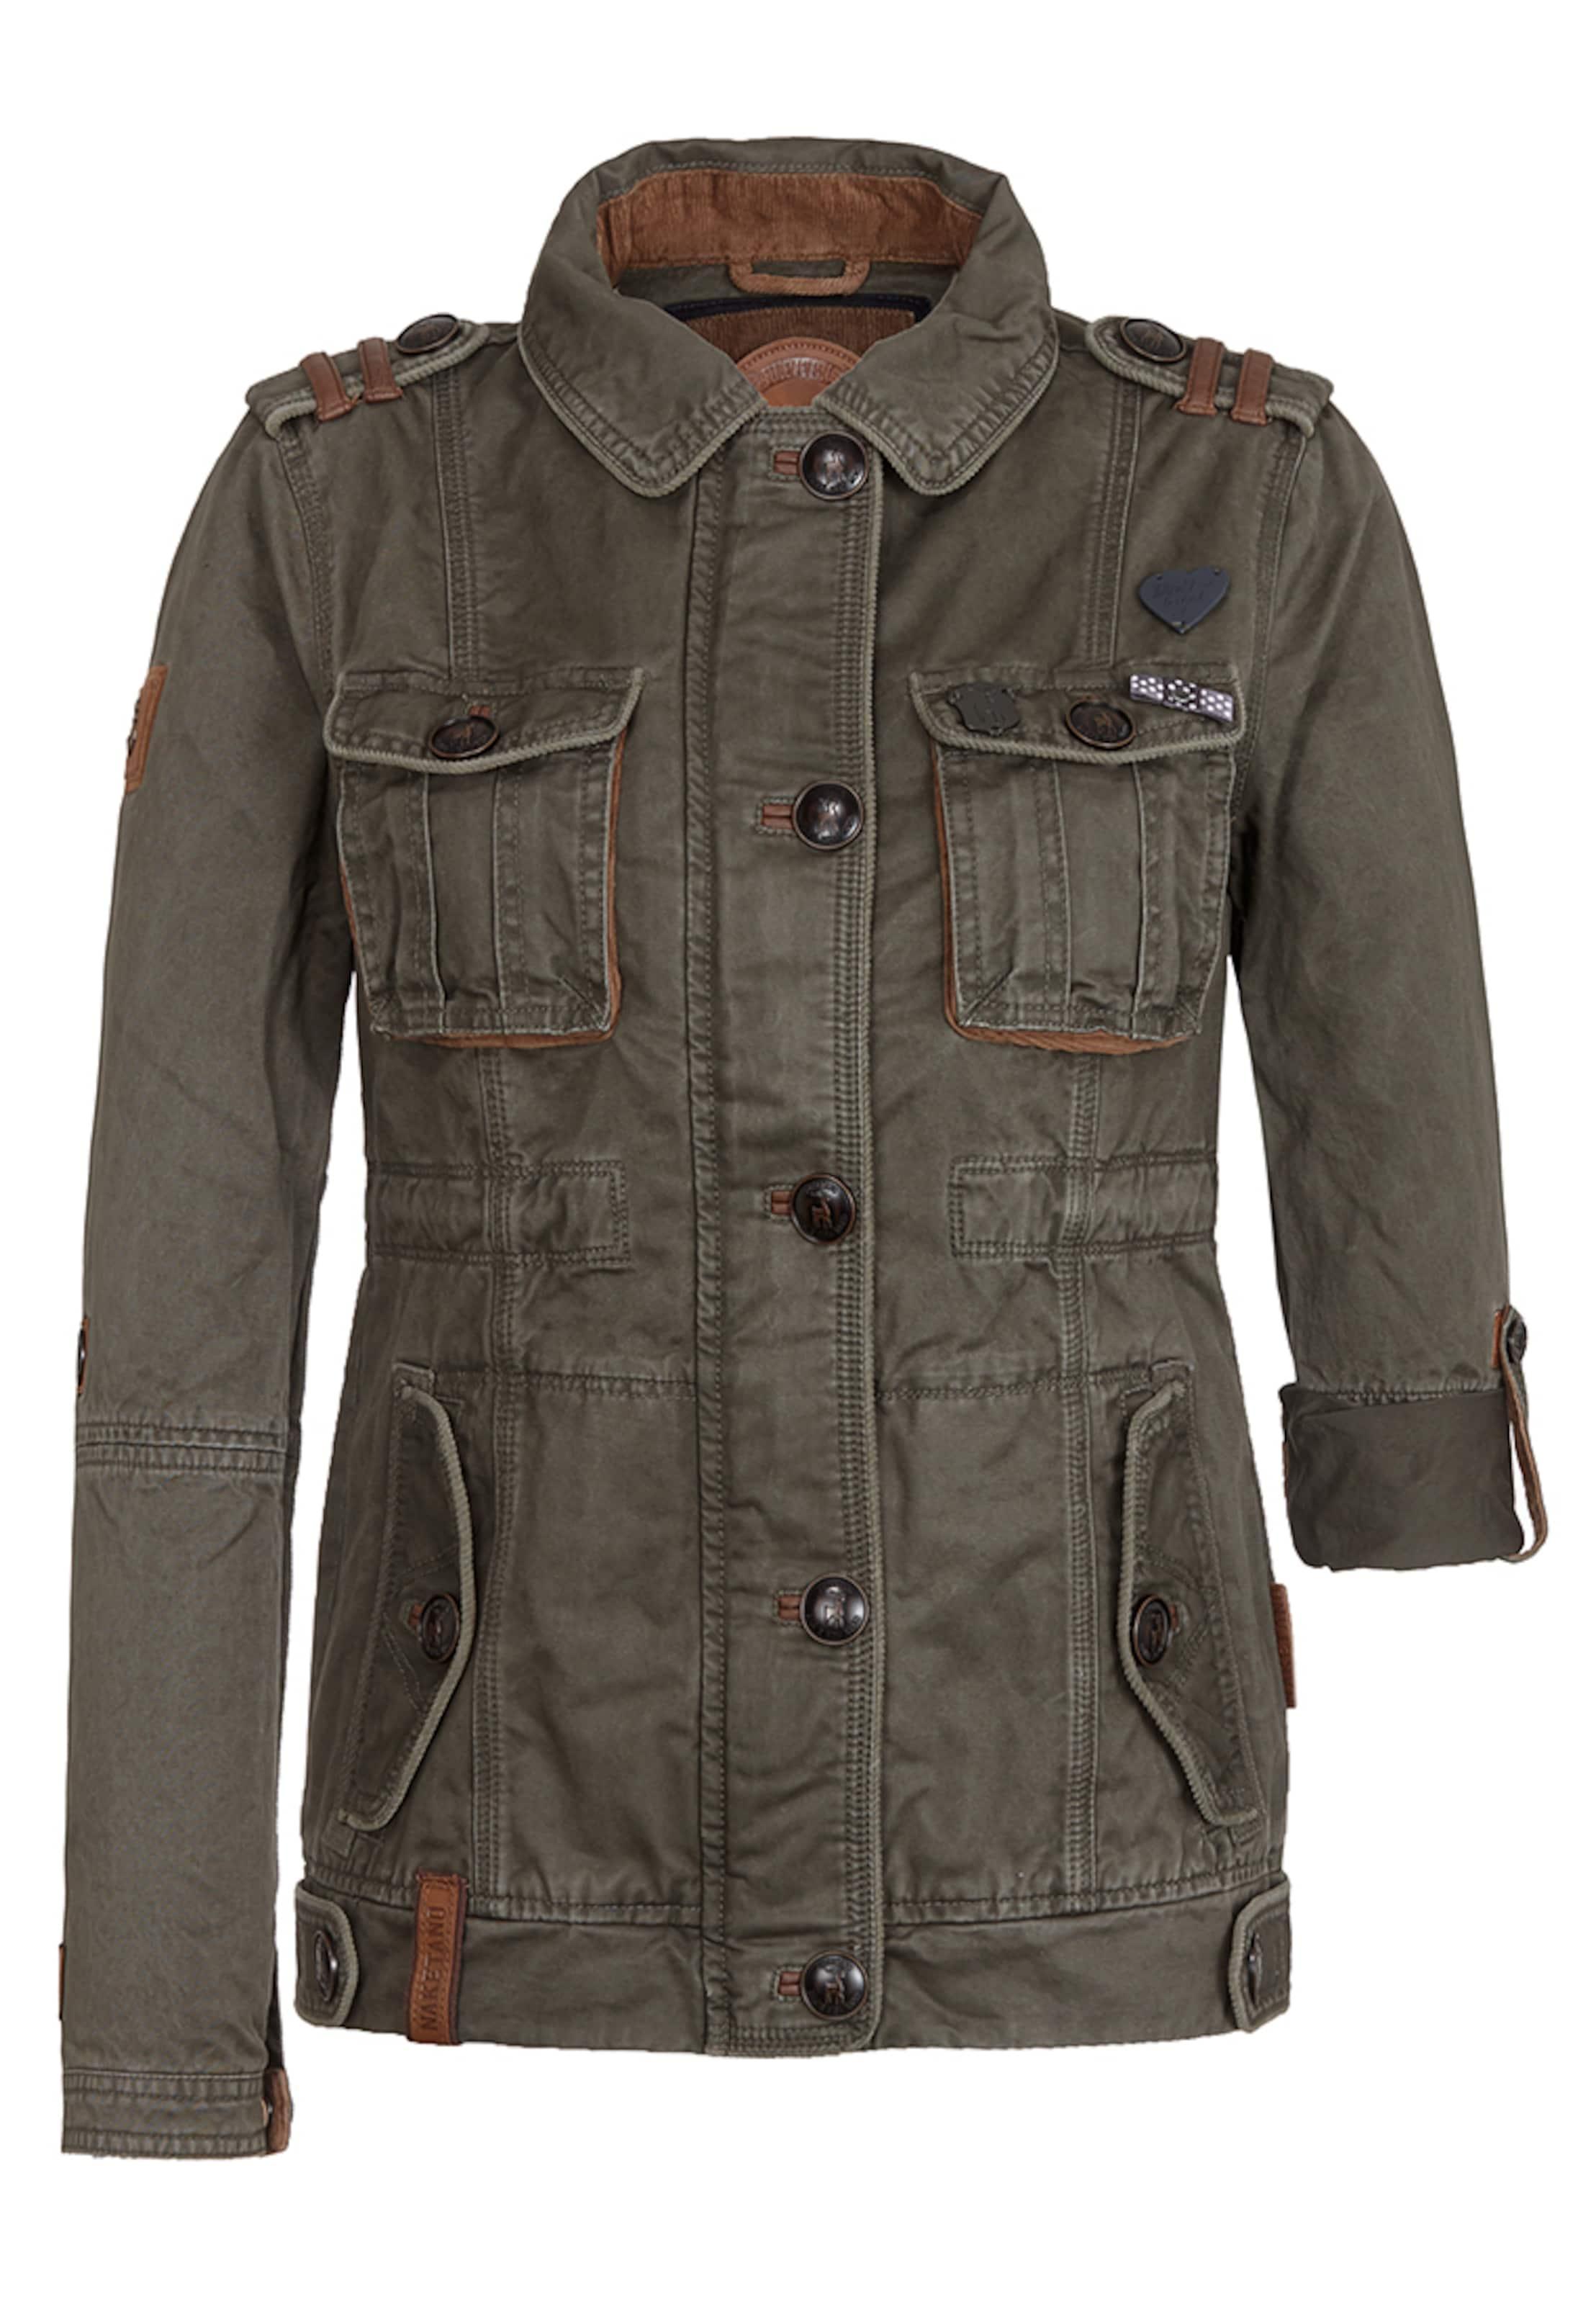 naketano Female Jacket Billig Verkauf Wirklich Verkauf Manchester 7T3pW